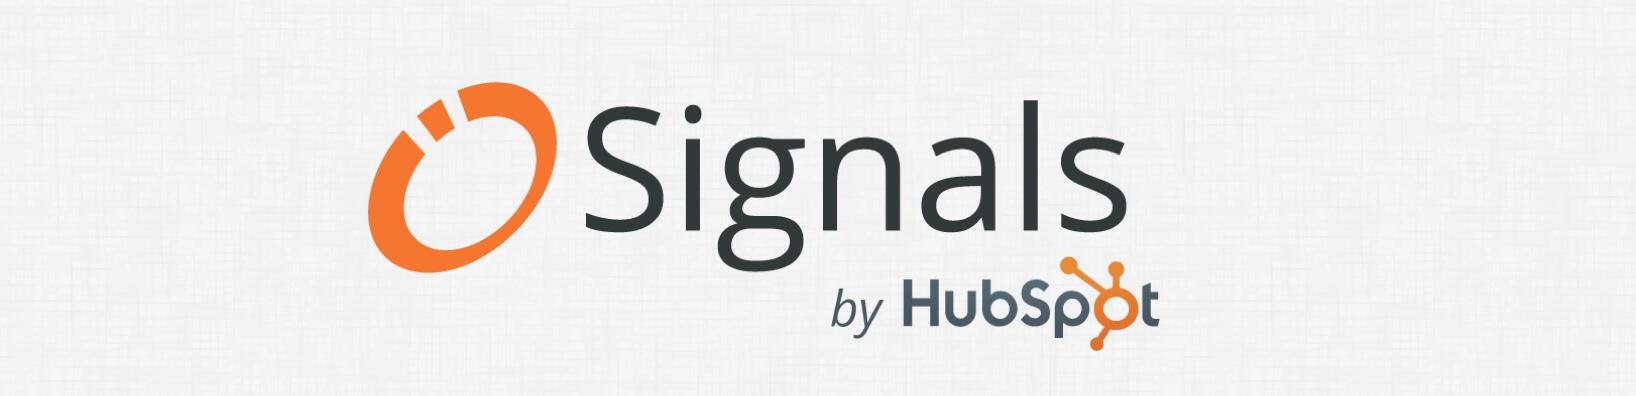 Signals_by_HubSpot_copy